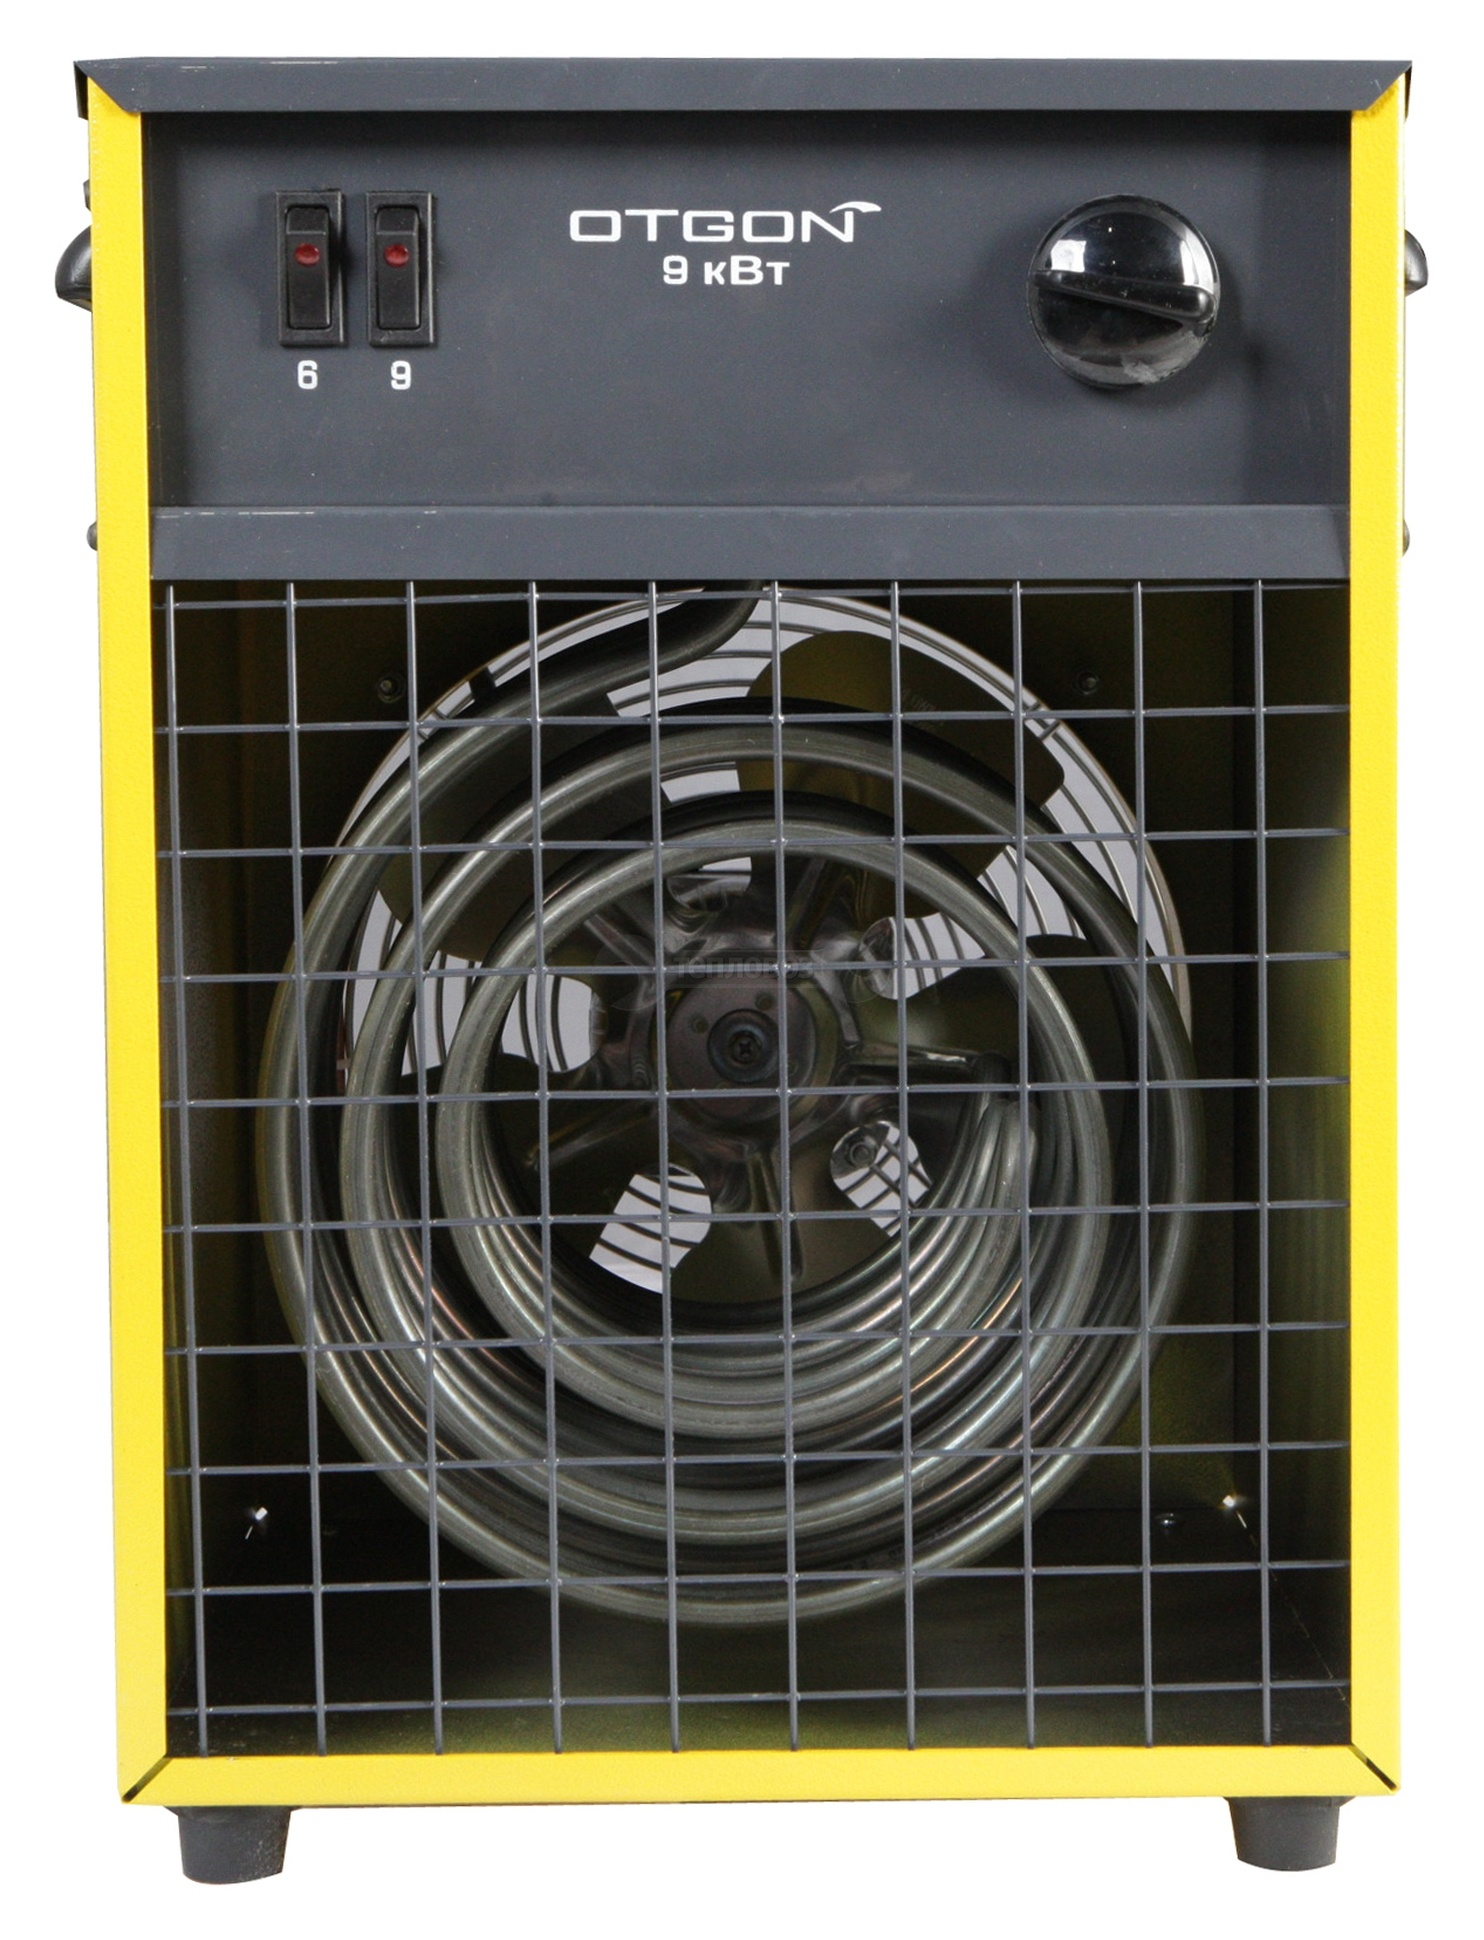 OTGON КЭВ-9, 9 кВт, желтый